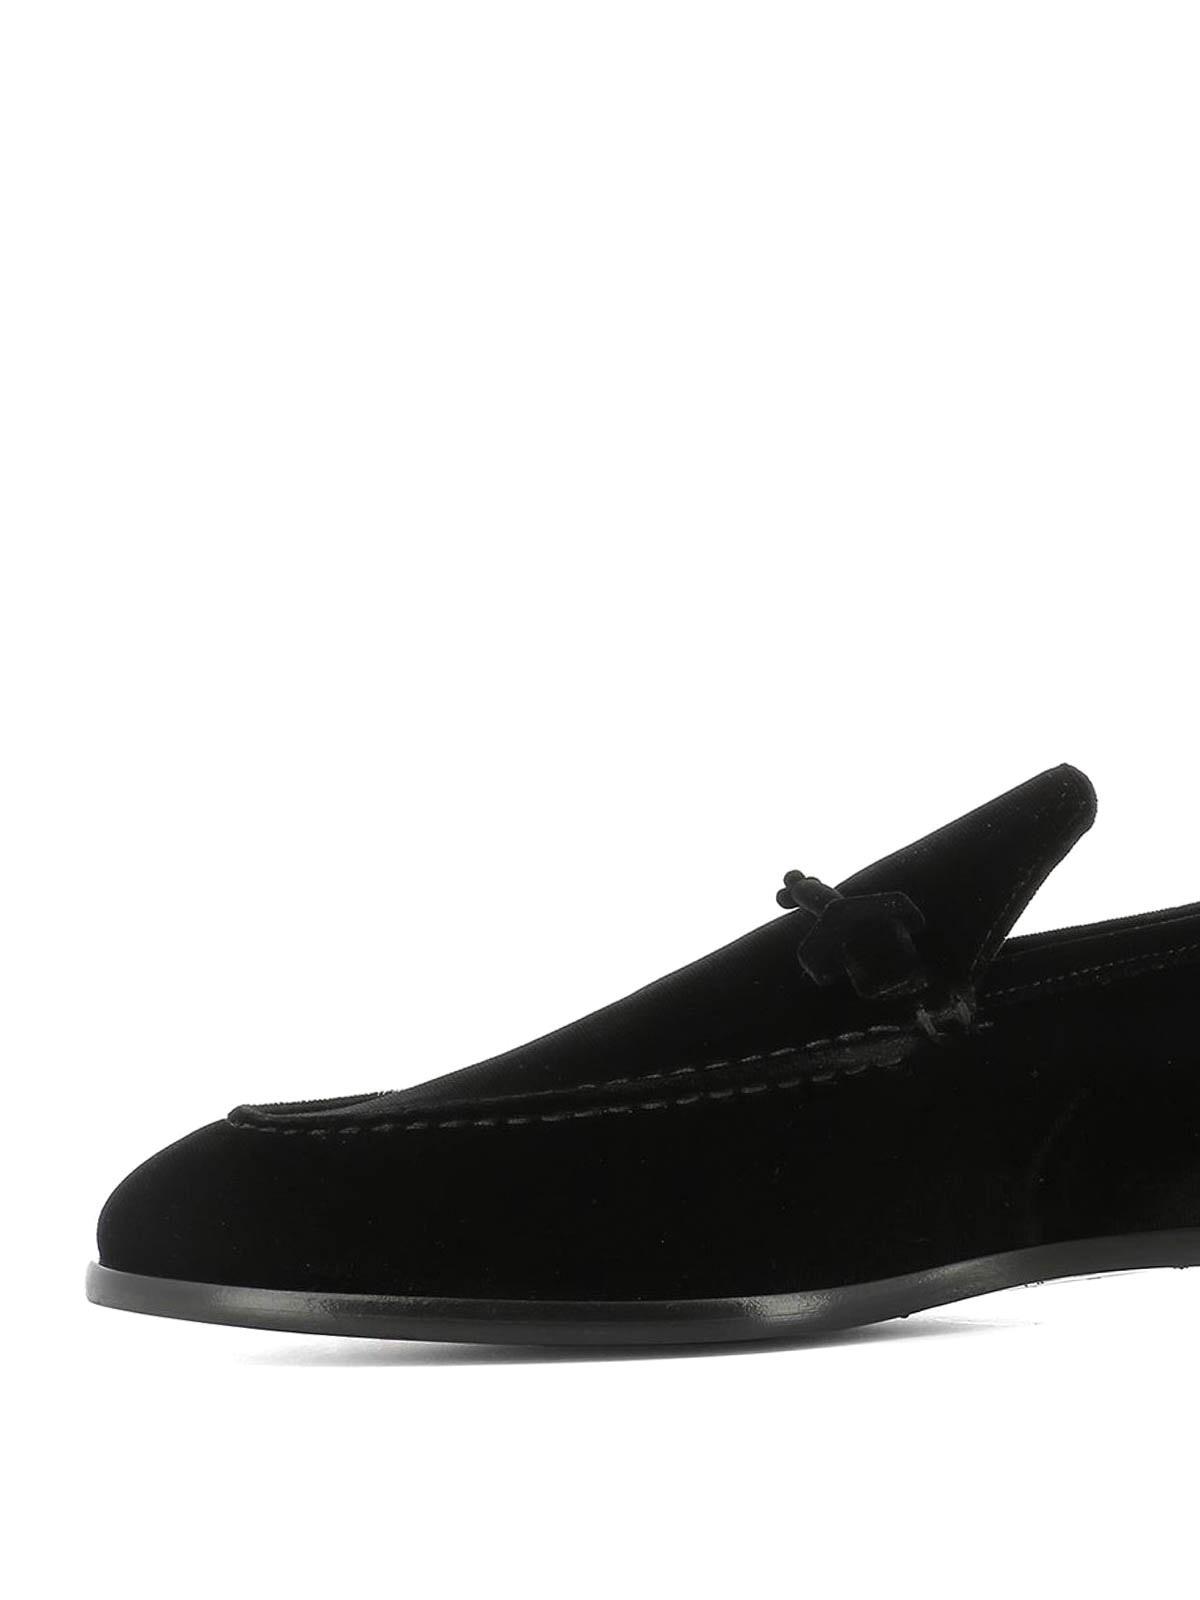 Jimmy Choo - Marti black velvet loafers